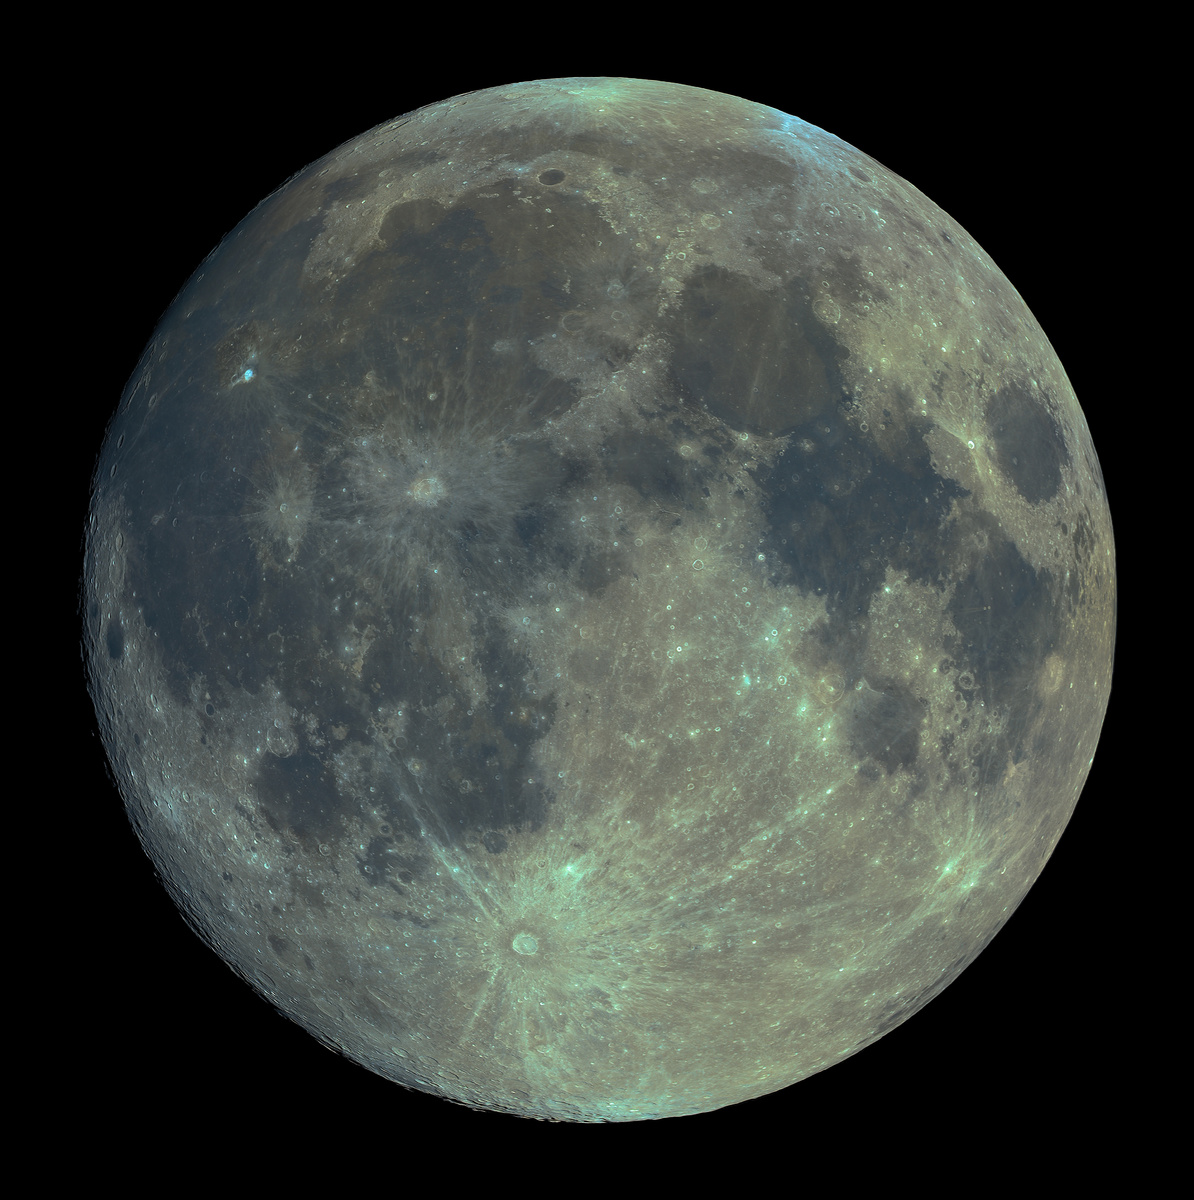 Moon_2019-02-18_LRGB.thumb.jpg.ce4127895725ffcdb0b0ba532605270d.jpg